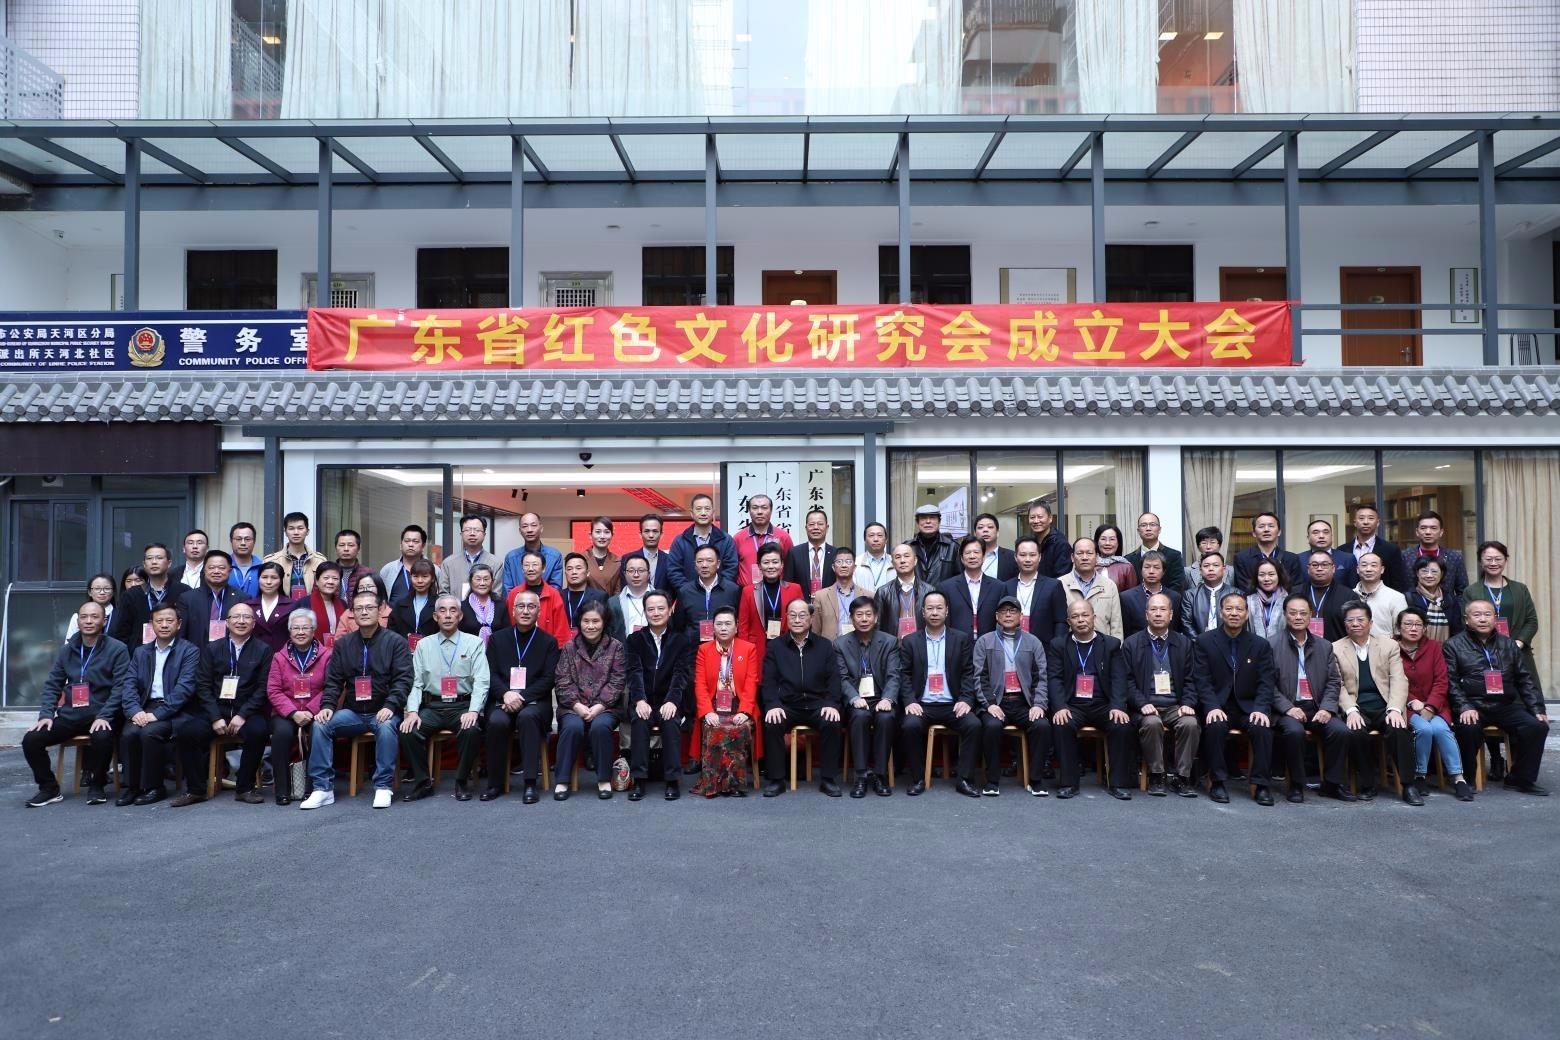 广东省红色文化研究会在广州隆重成立